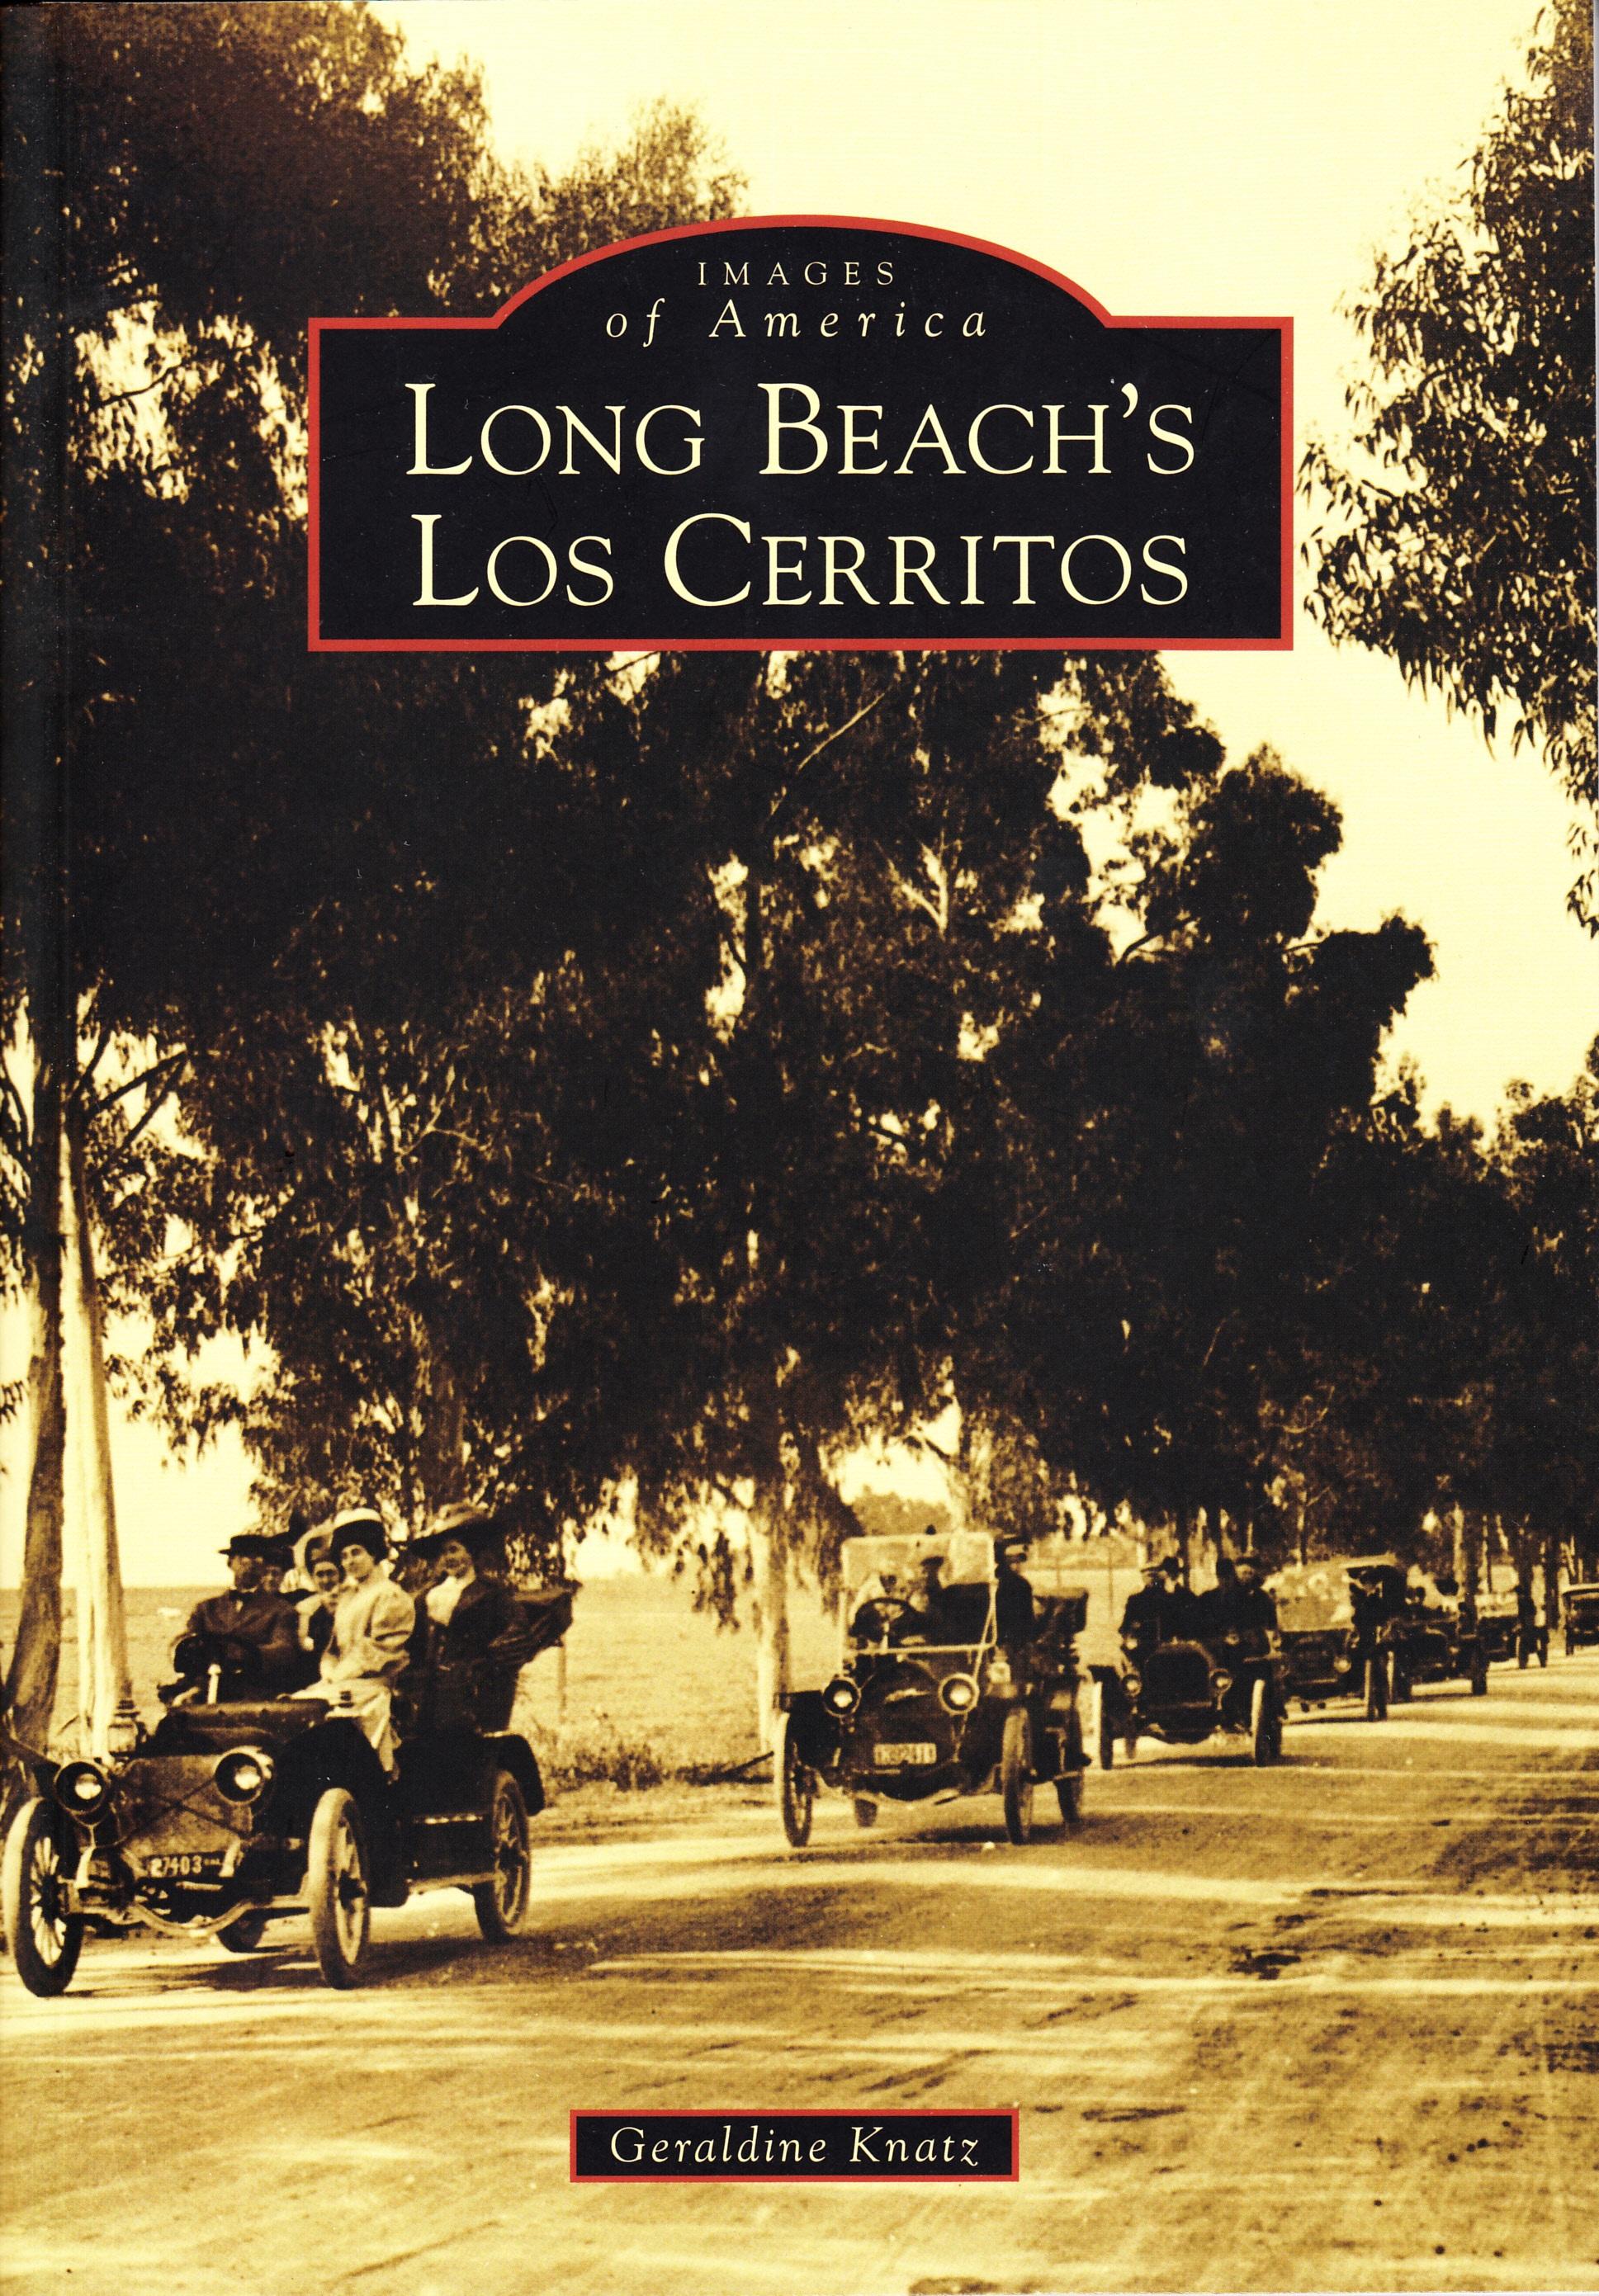 Long beach Los Cerritos images of america